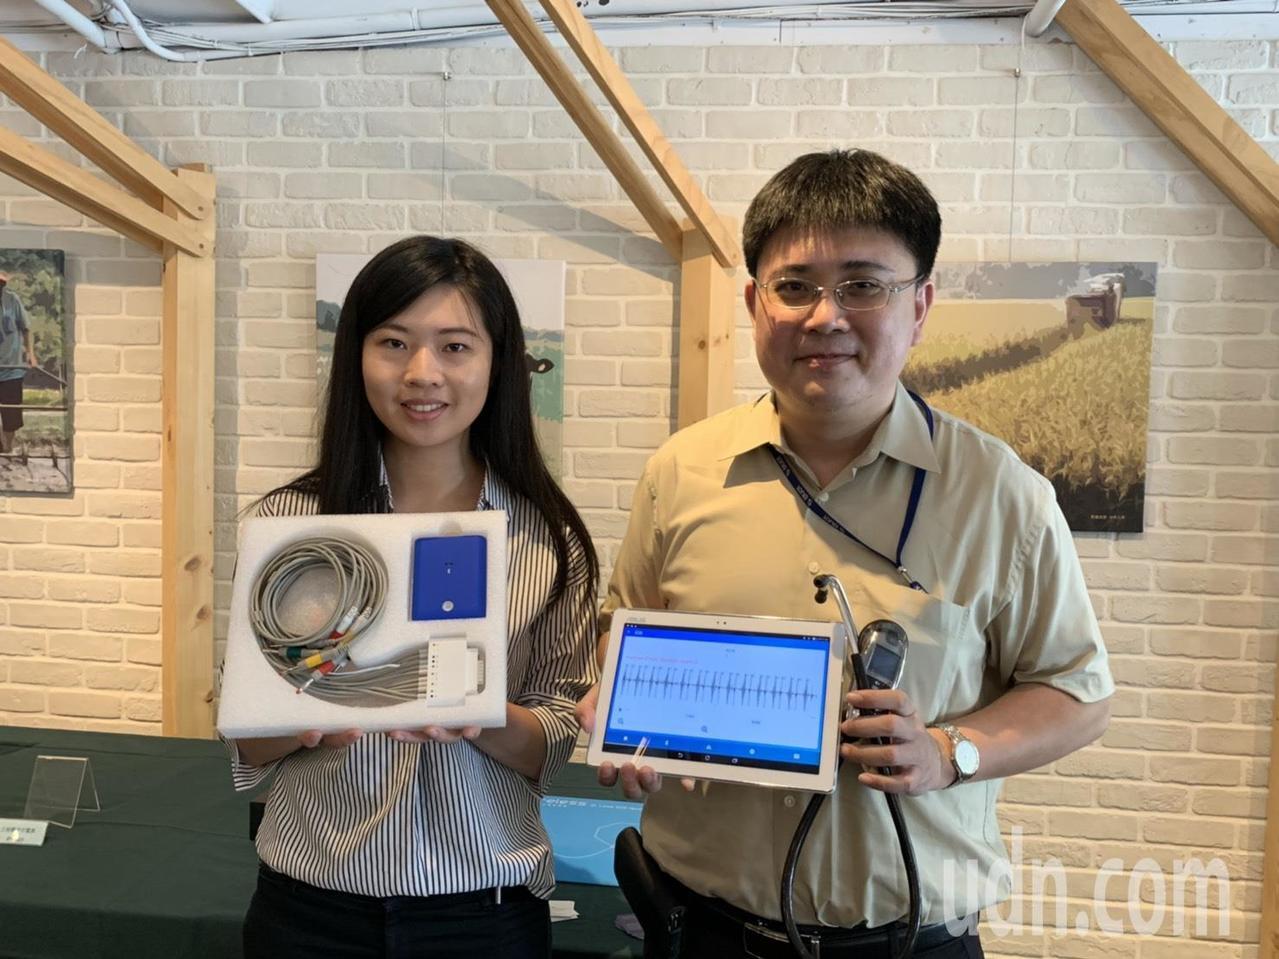 創心醫電醫療長鄭垂軒展示無線12導程心電儀及電子聽診器。記者陳斯穎/攝影